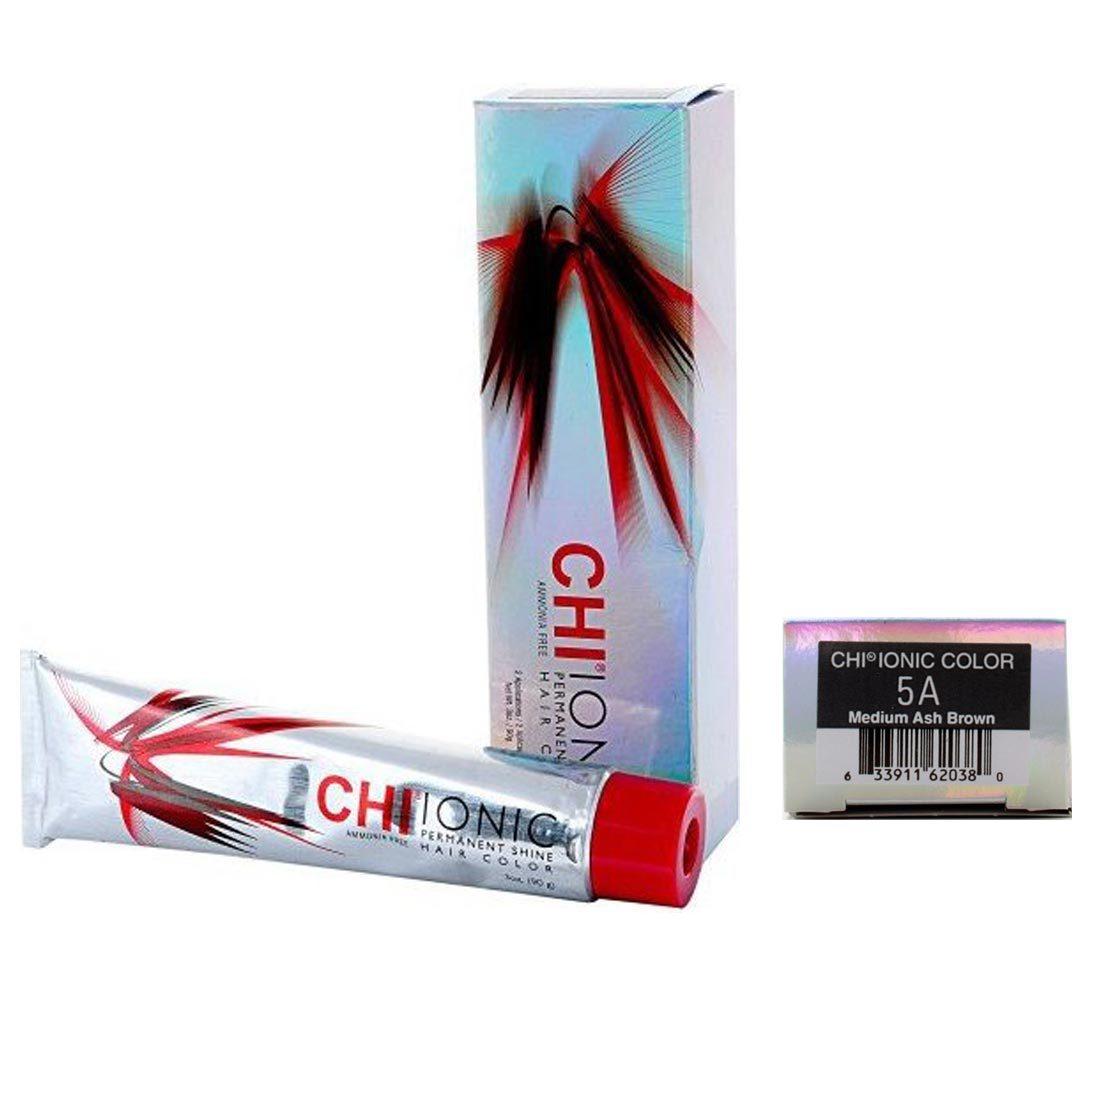 Farouk CHI Ionic Permanent Shine Color Medium Ash Brown 5A 3oz